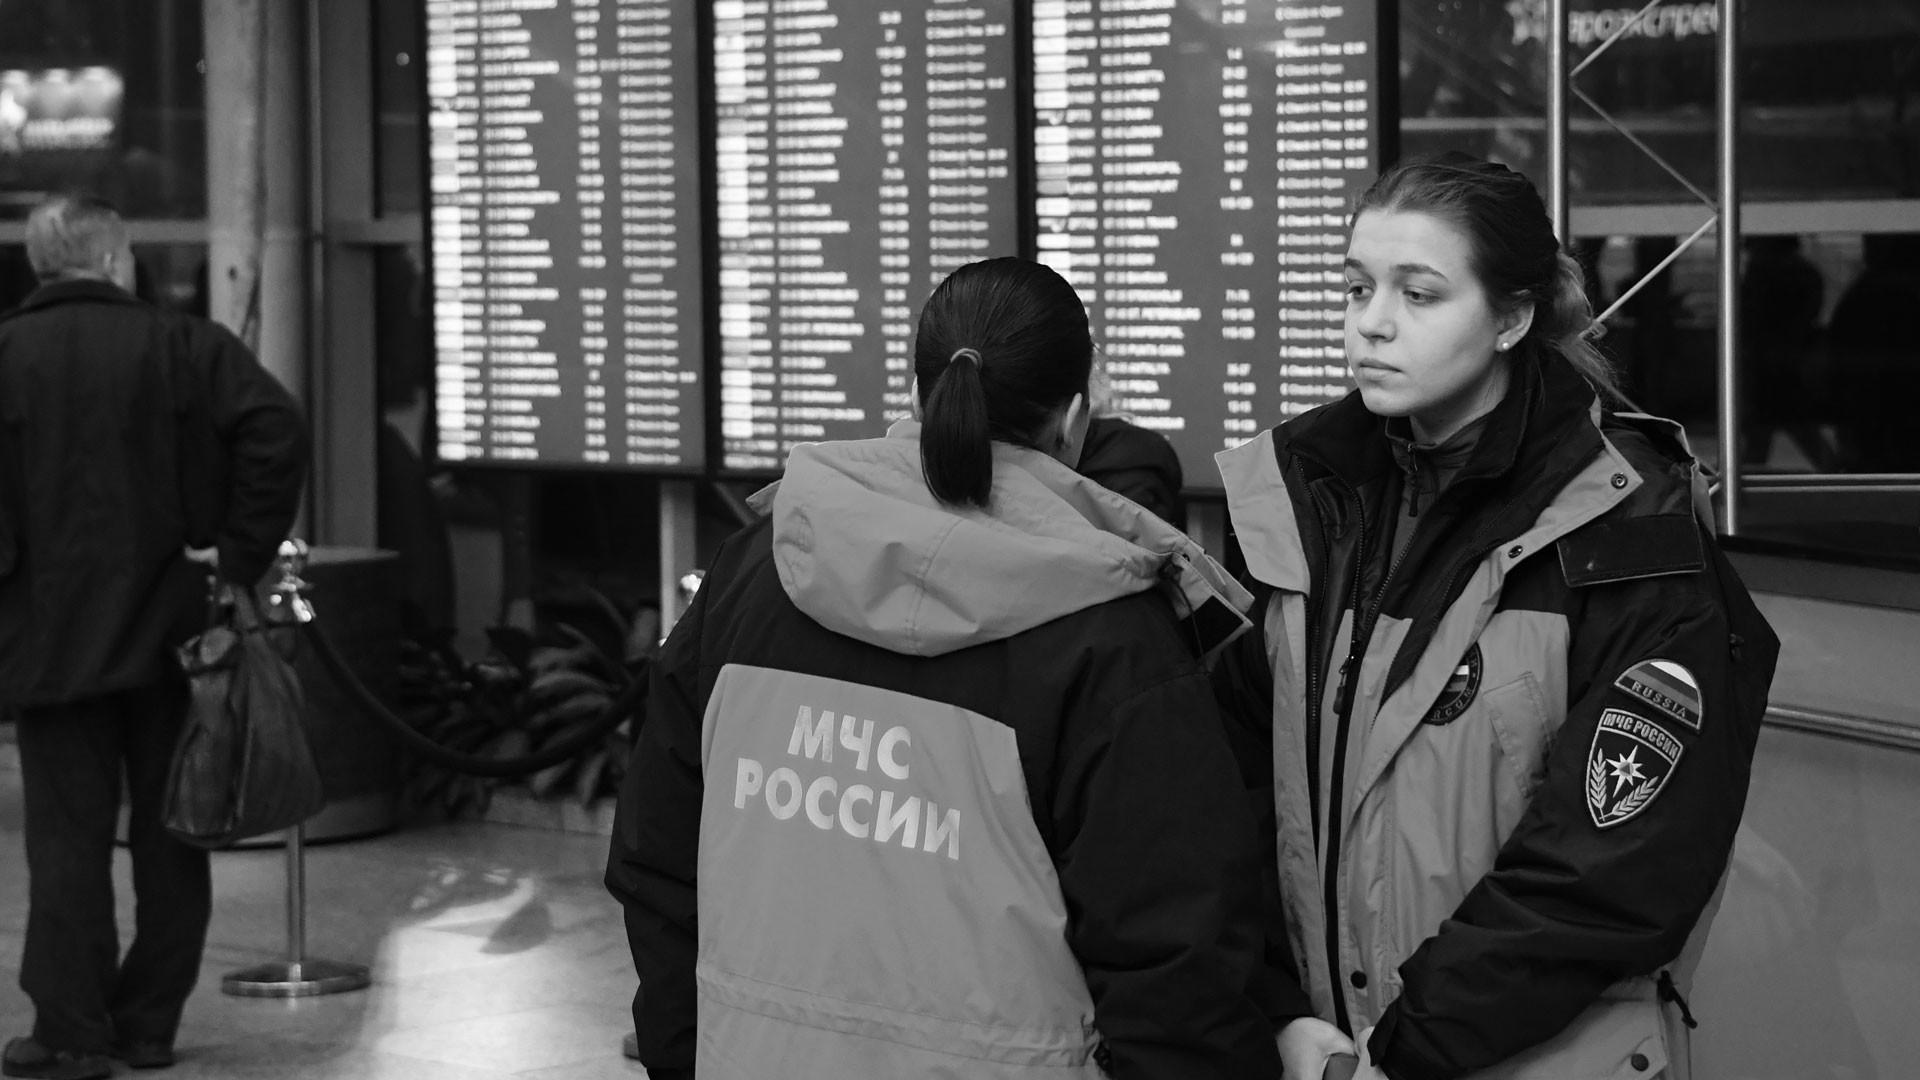 Фото: © РИА Новости/Илья Питалев